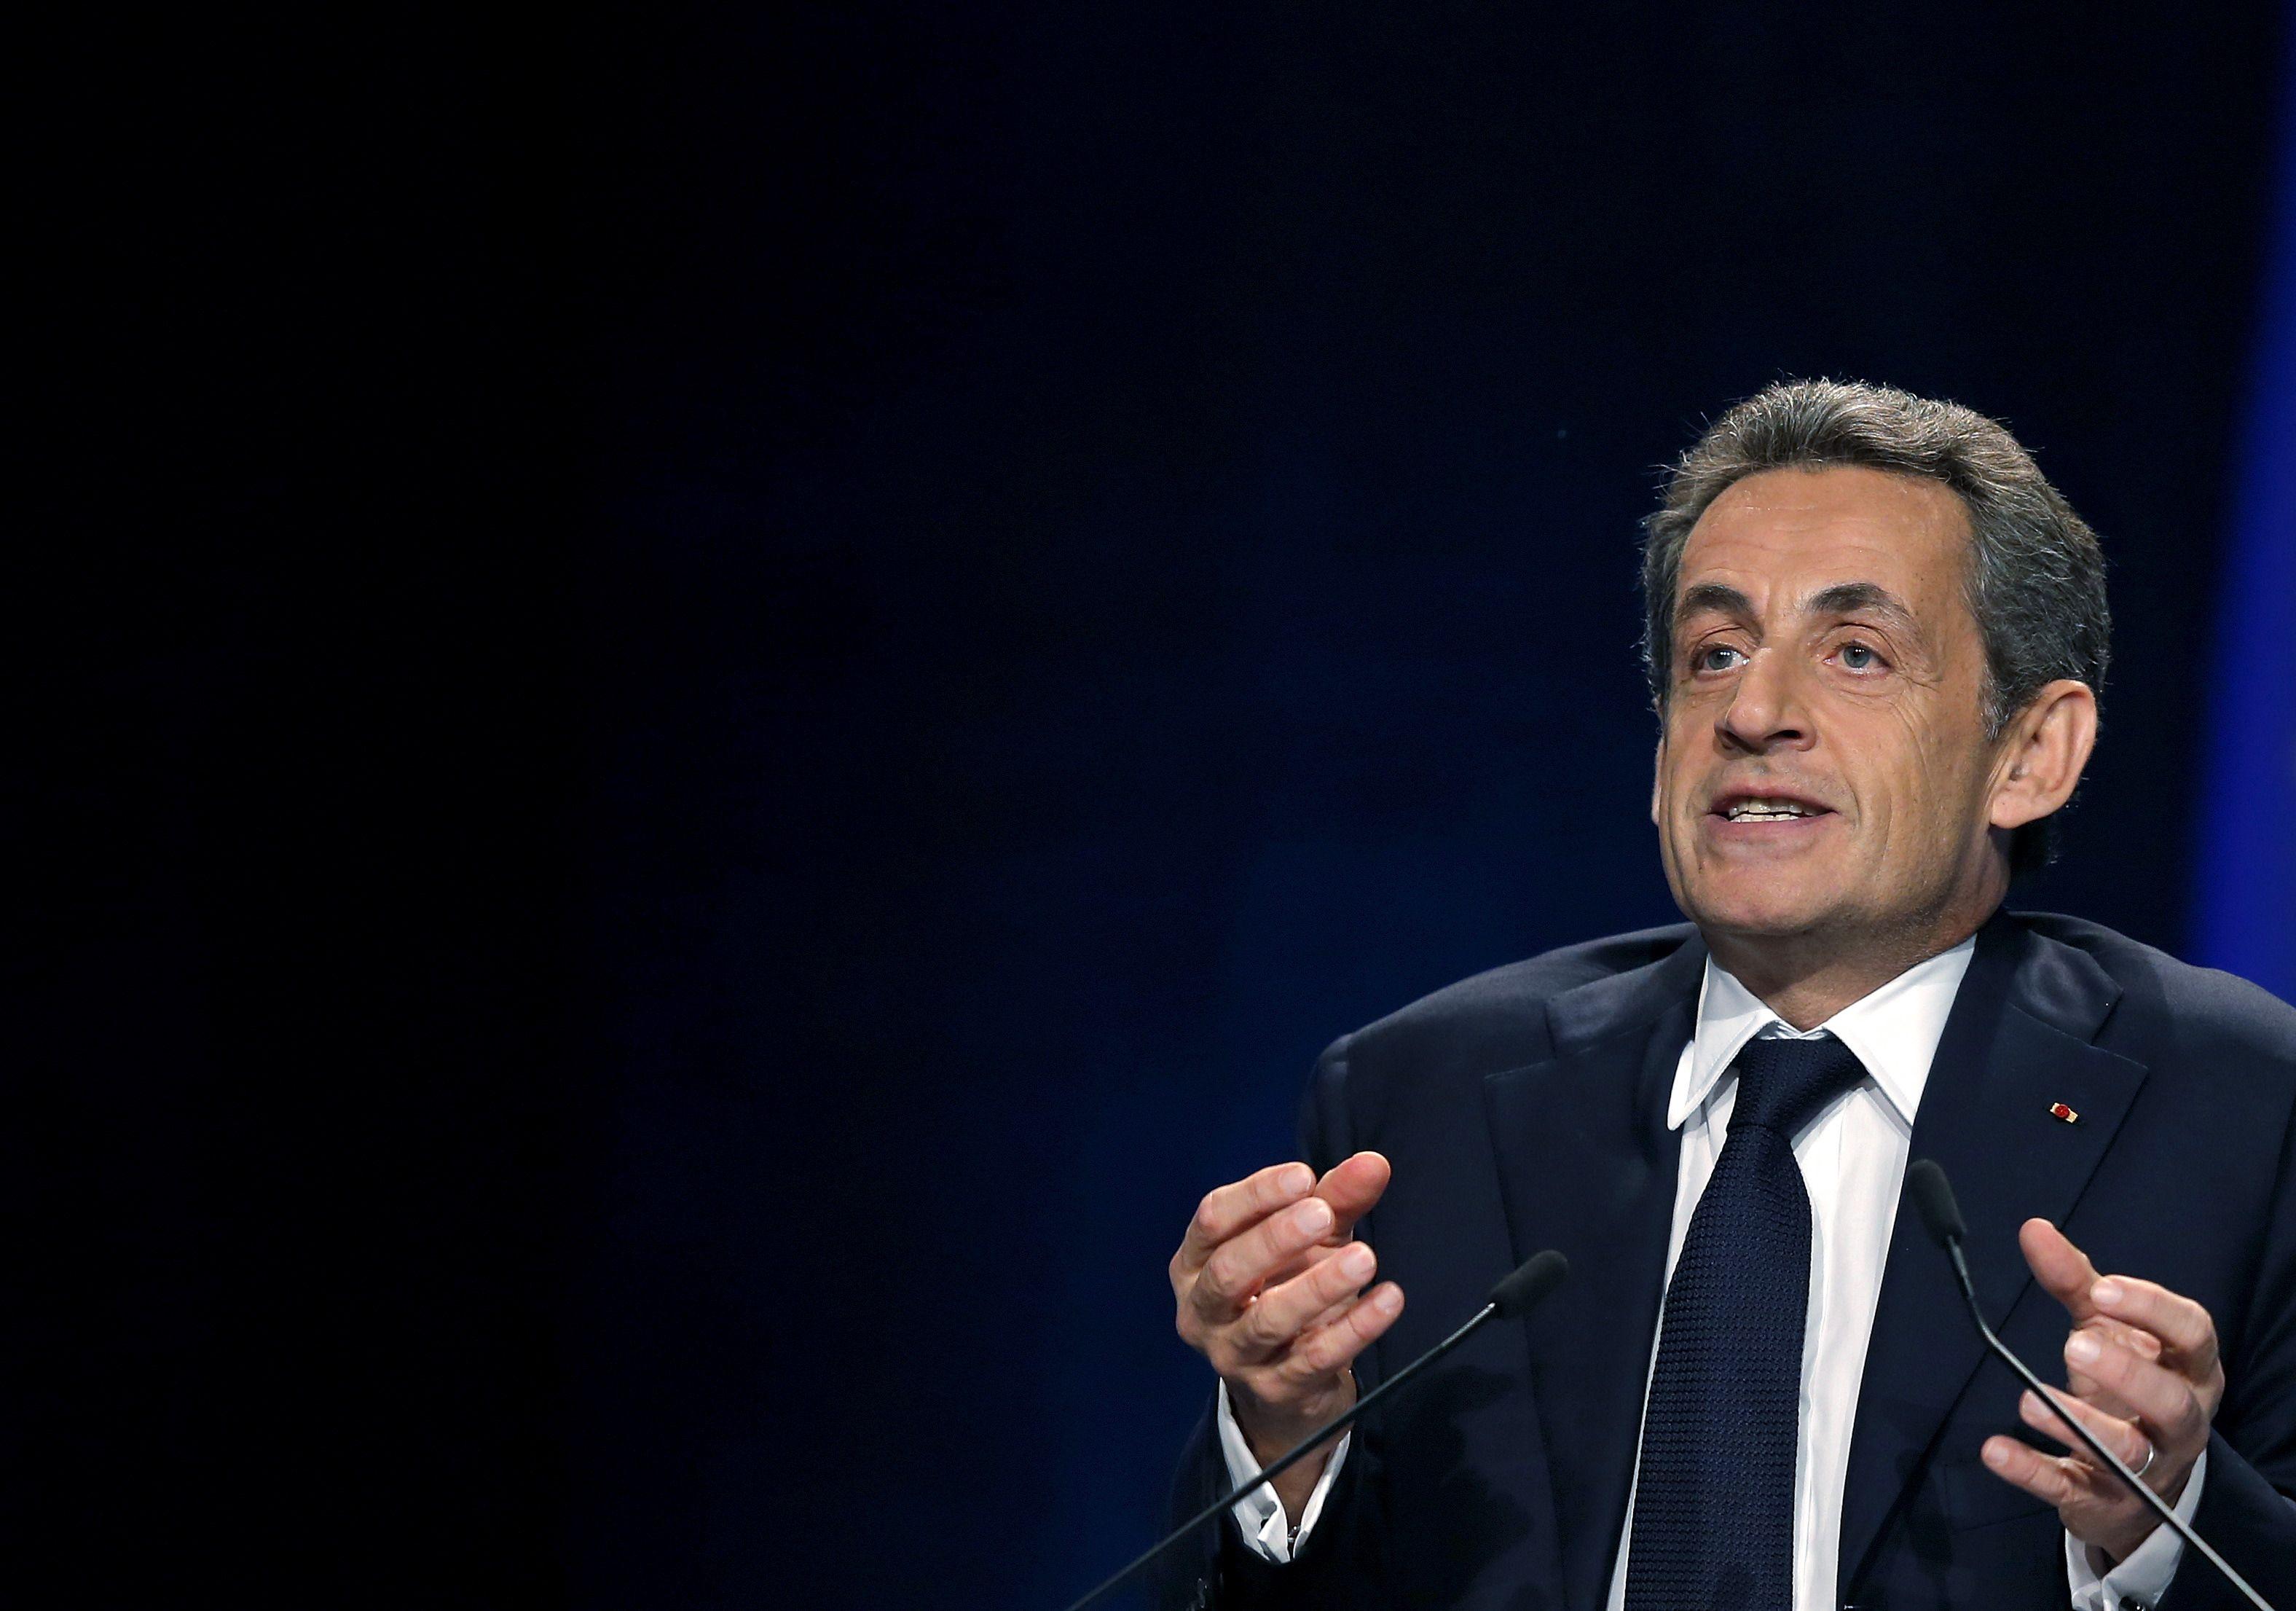 Le plan de Nicolas Sarkozy pour reprendre la main chez les Républicains face à une déferlante de mauvais sondages